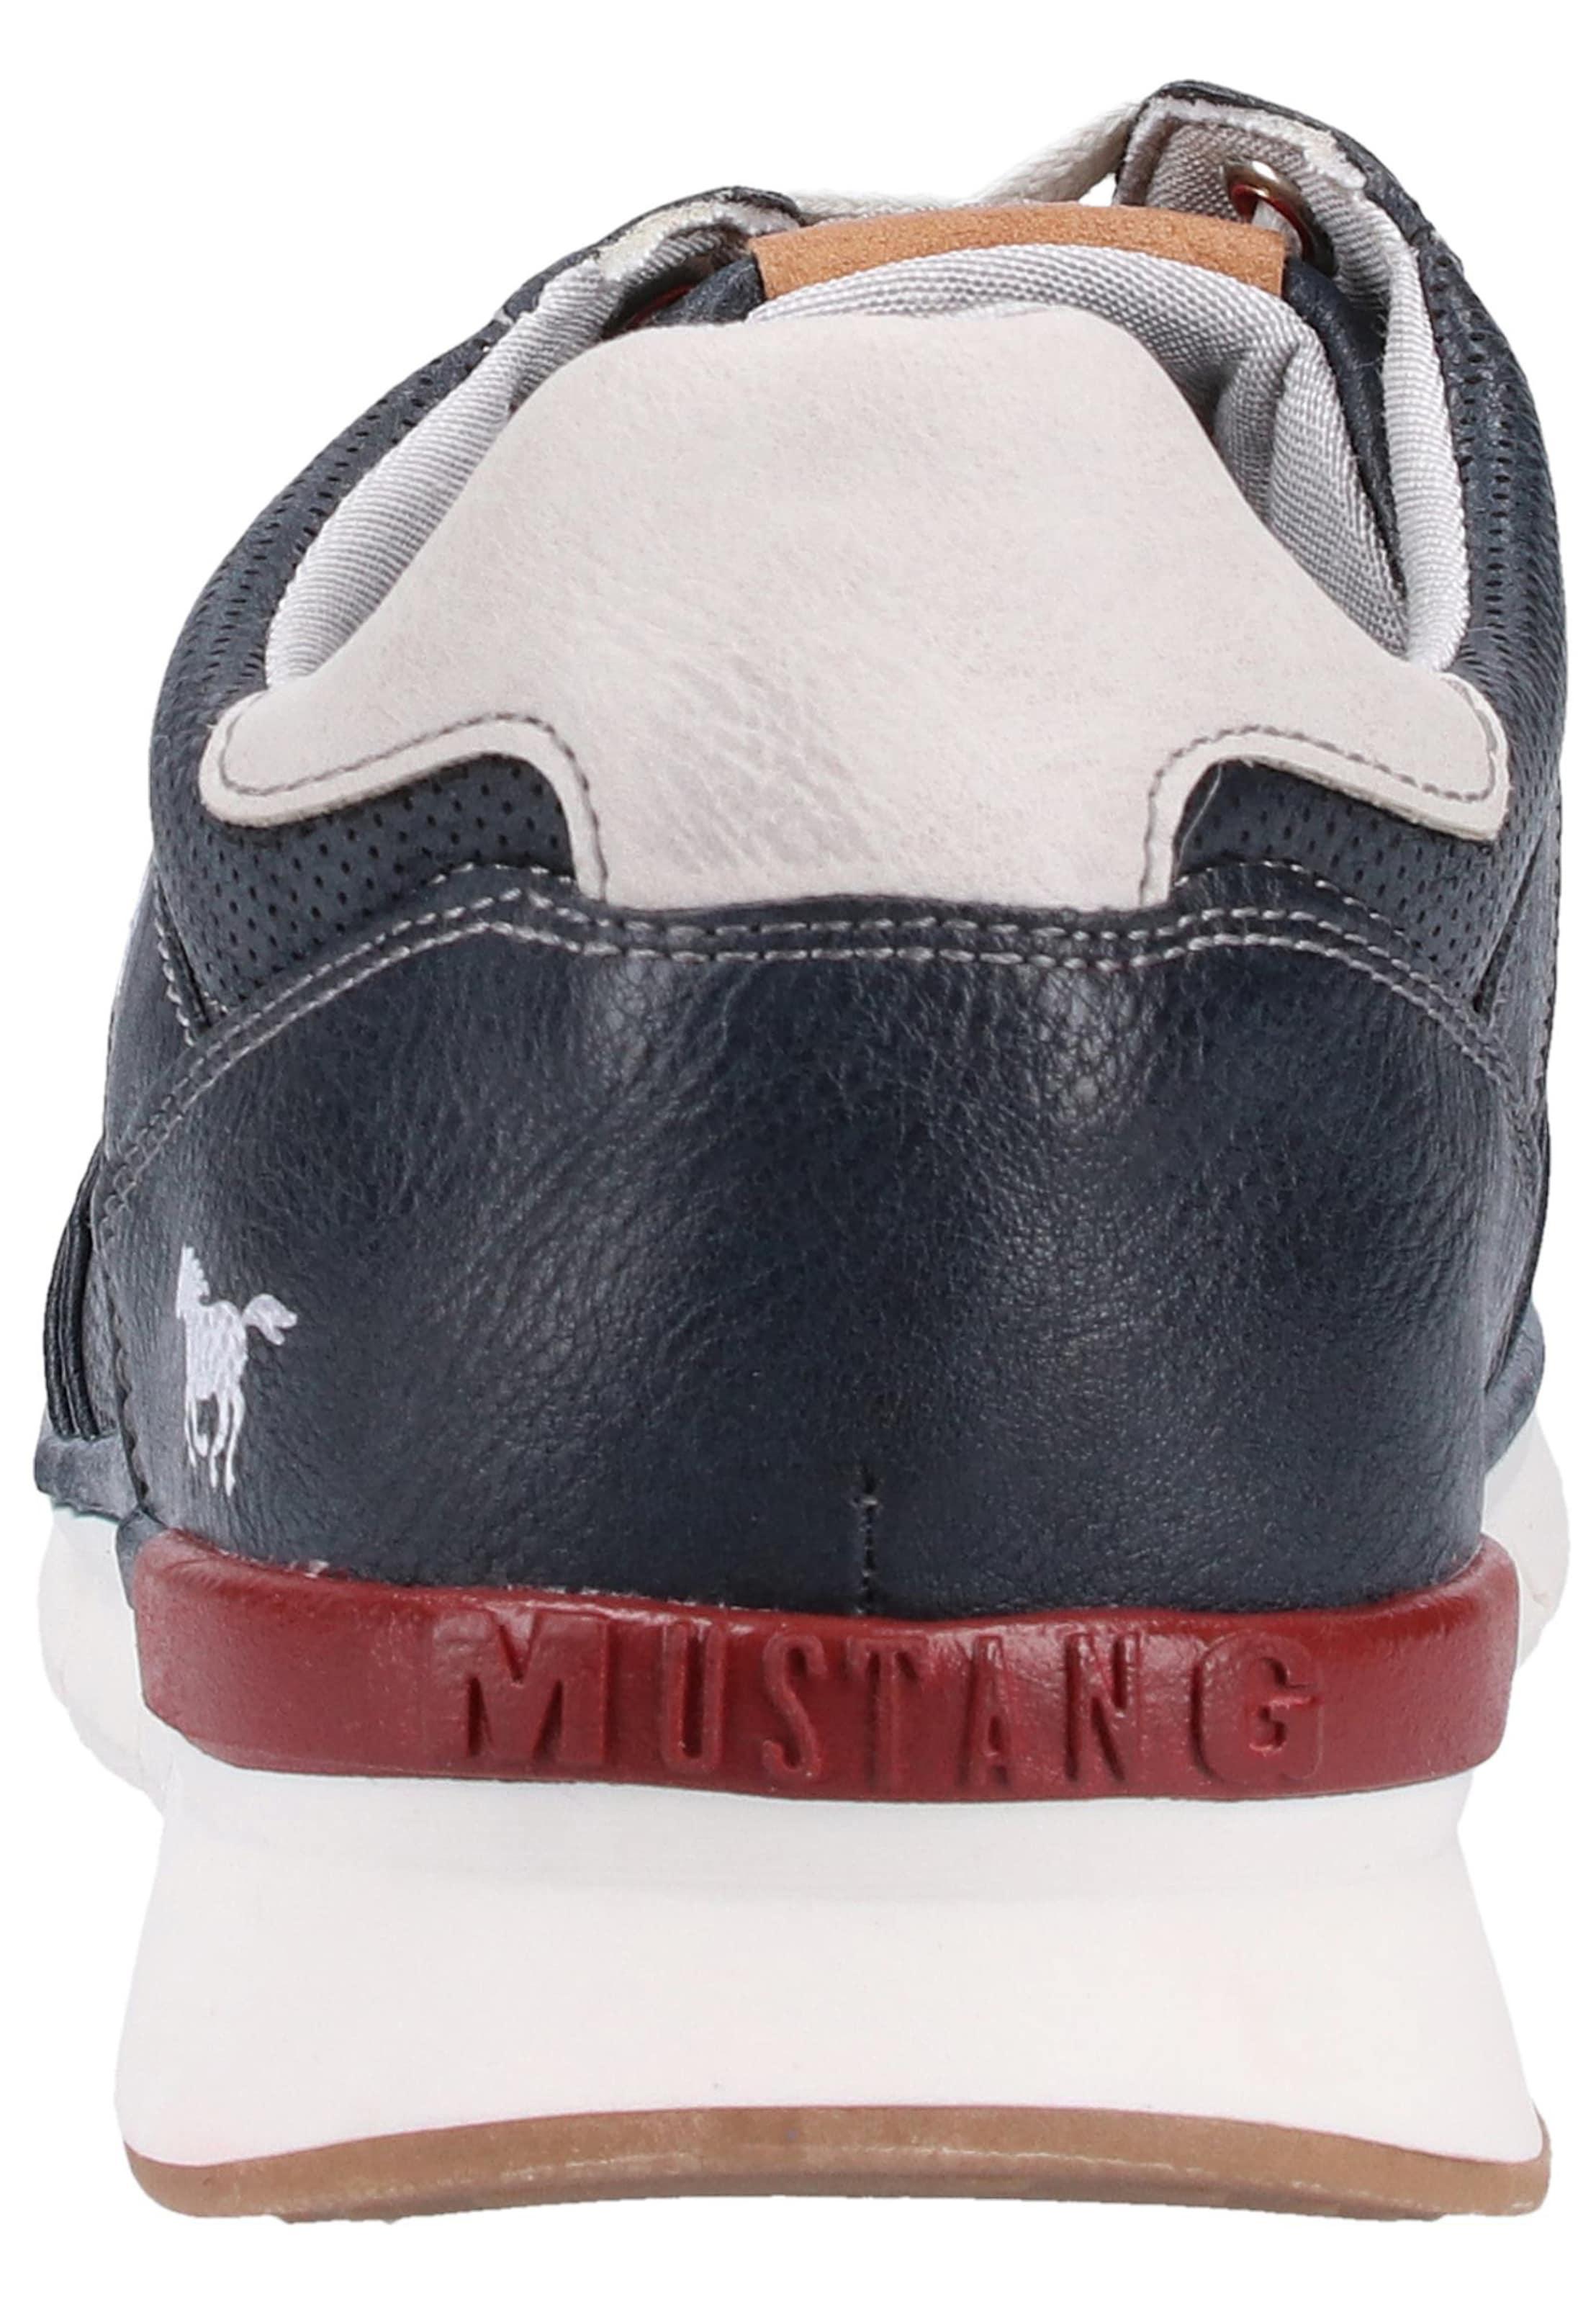 Sneaker Weiß Sneaker Weiß Mustang In In NavyRot NavyRot Mustang 3ALq54Rj